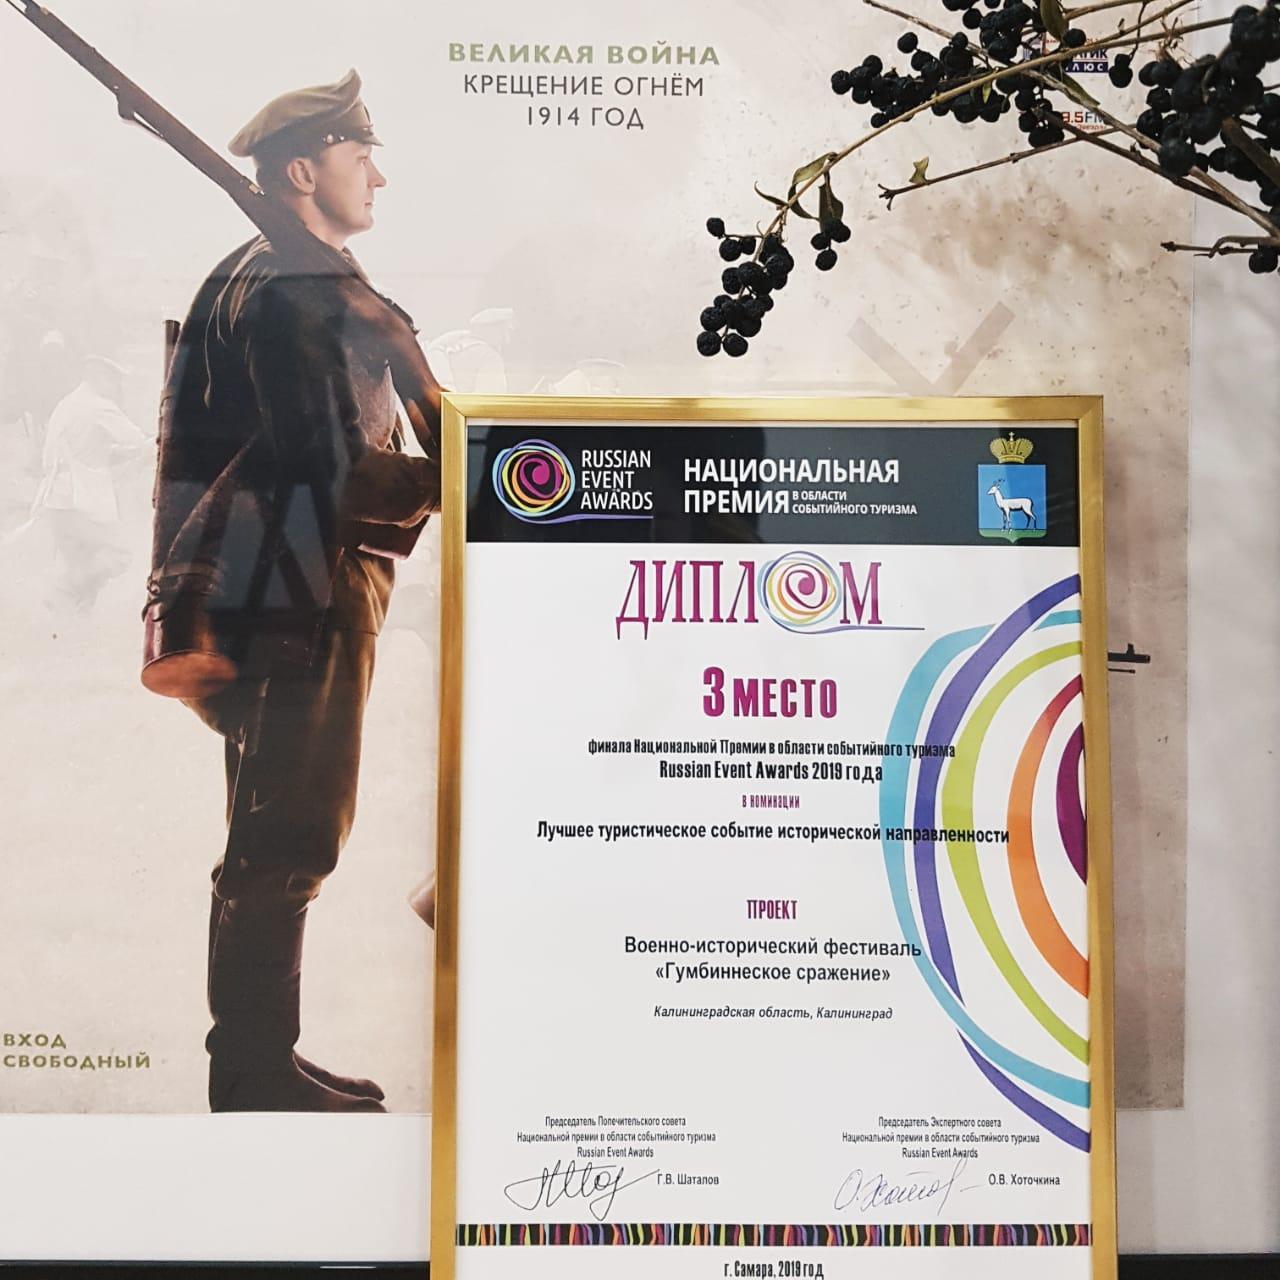 Проекты Калининградской области вошли в число победителей Russian Event Awards 2019